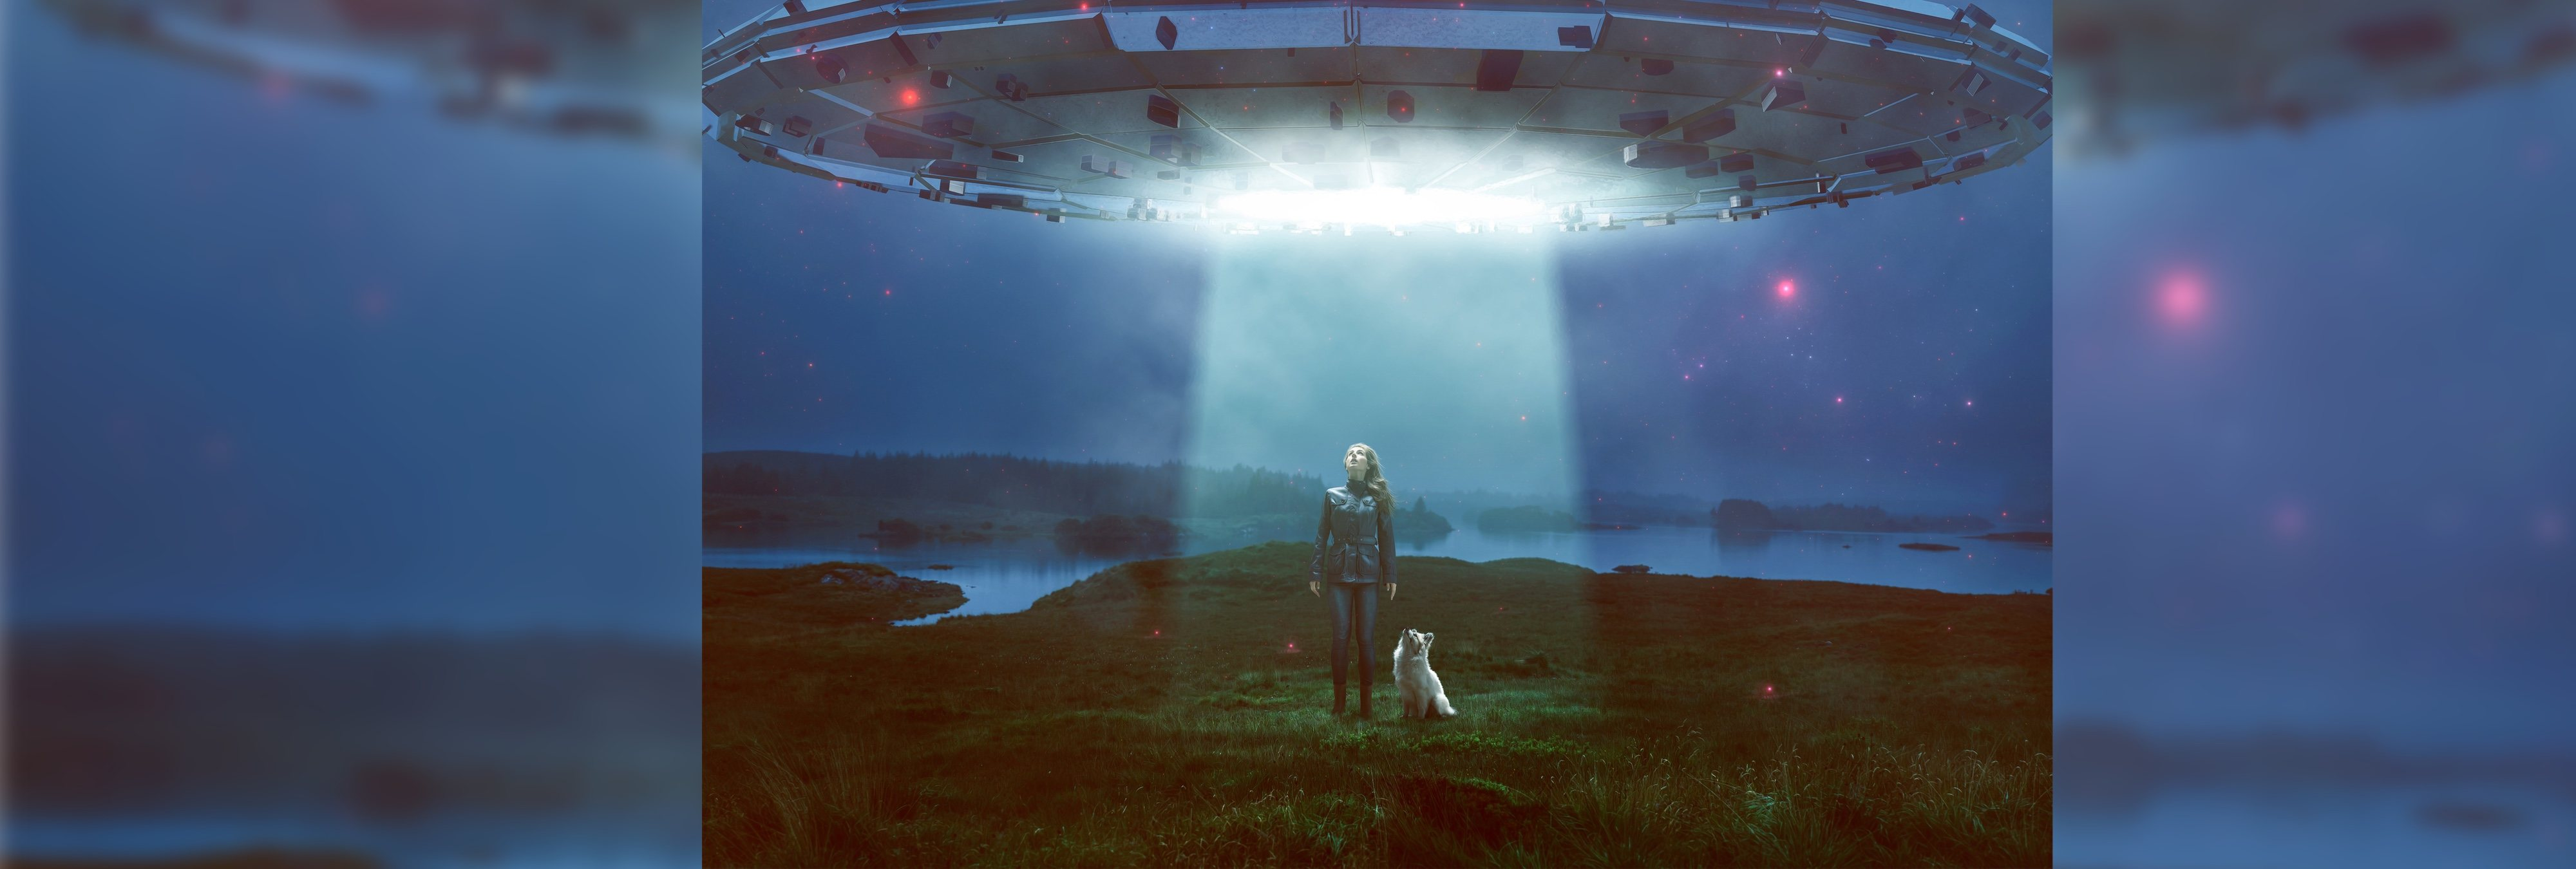 Así se considera que deben ser los extraterrestres para considerarse vida, según la ciencia